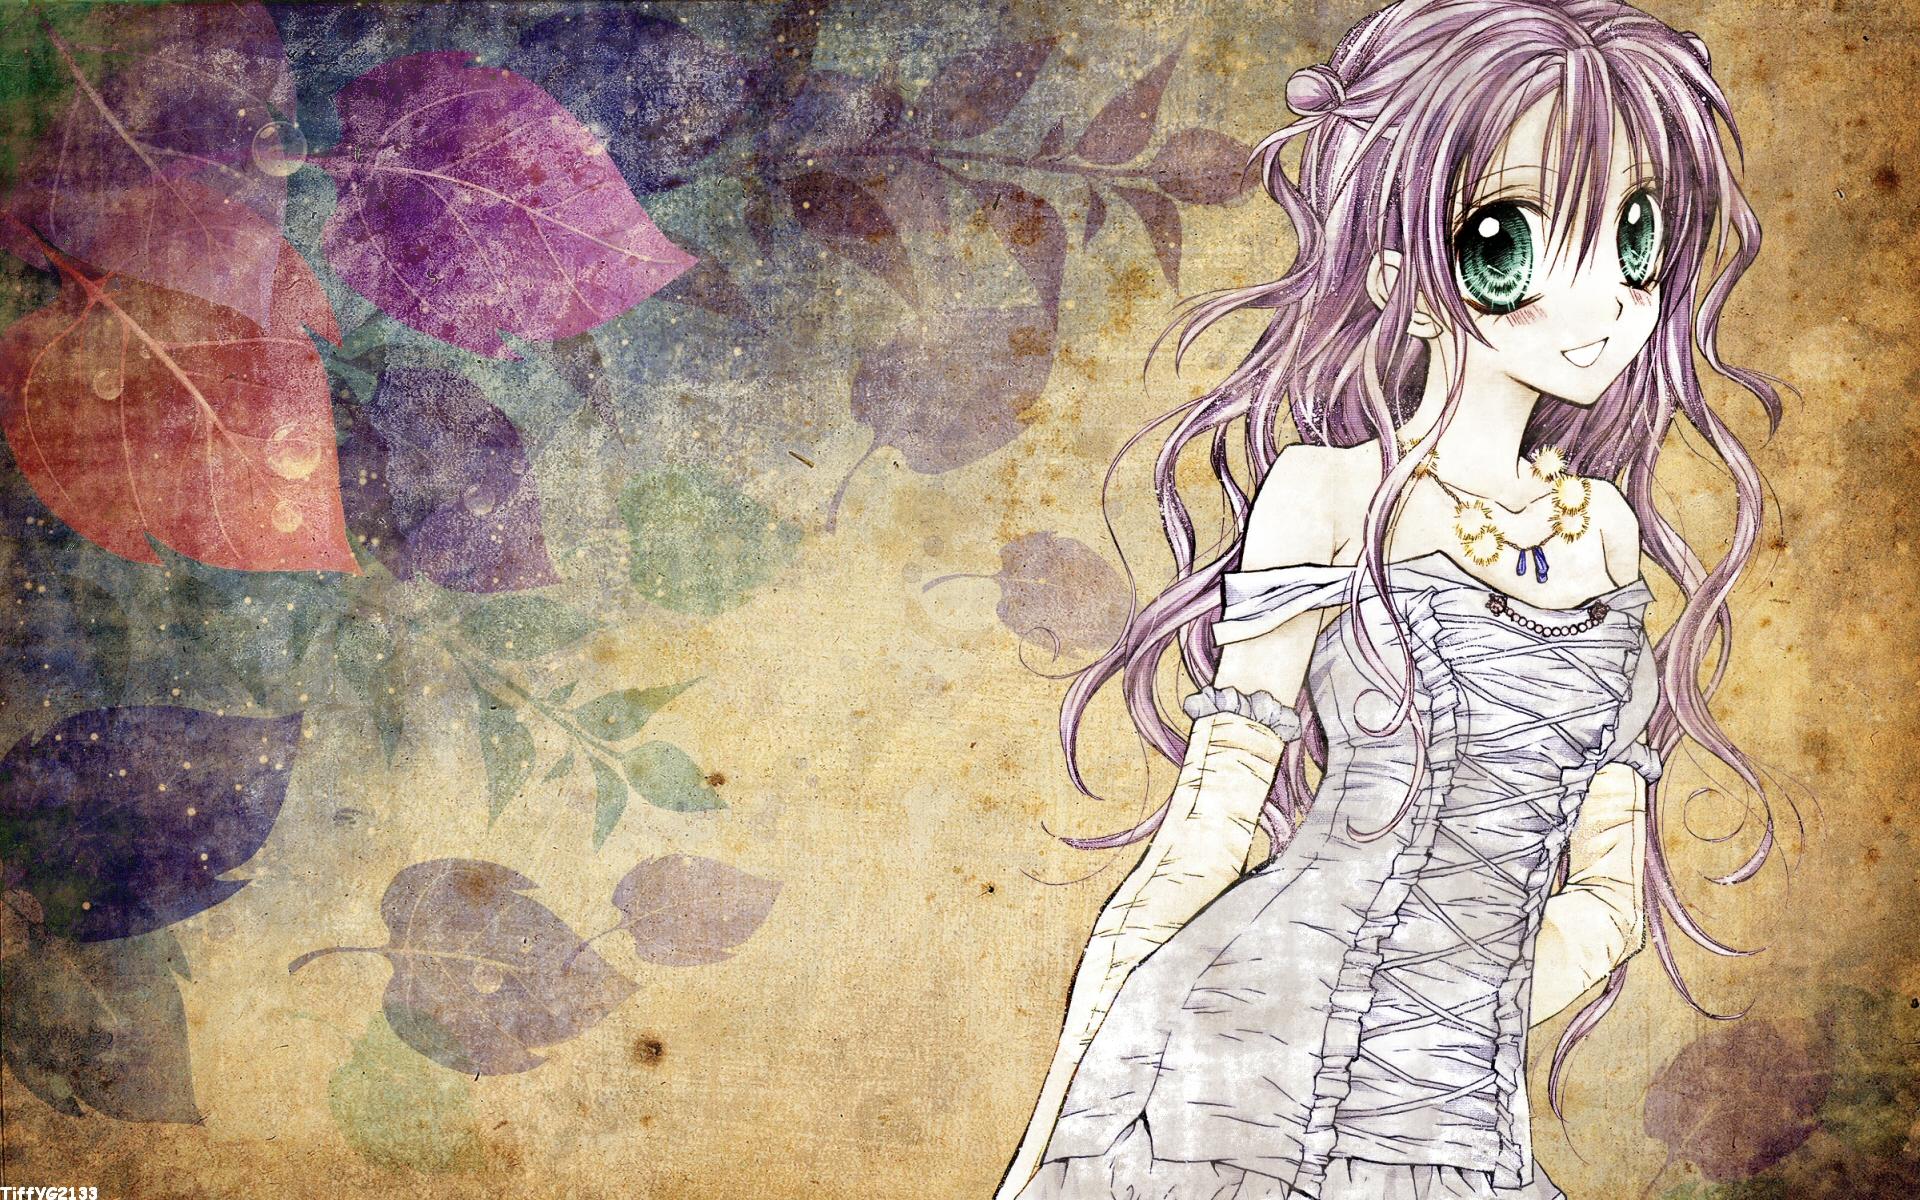 Shinshi Doumei Cross Wallpaper Zerochan Anime Image Board Images, Photos, Reviews